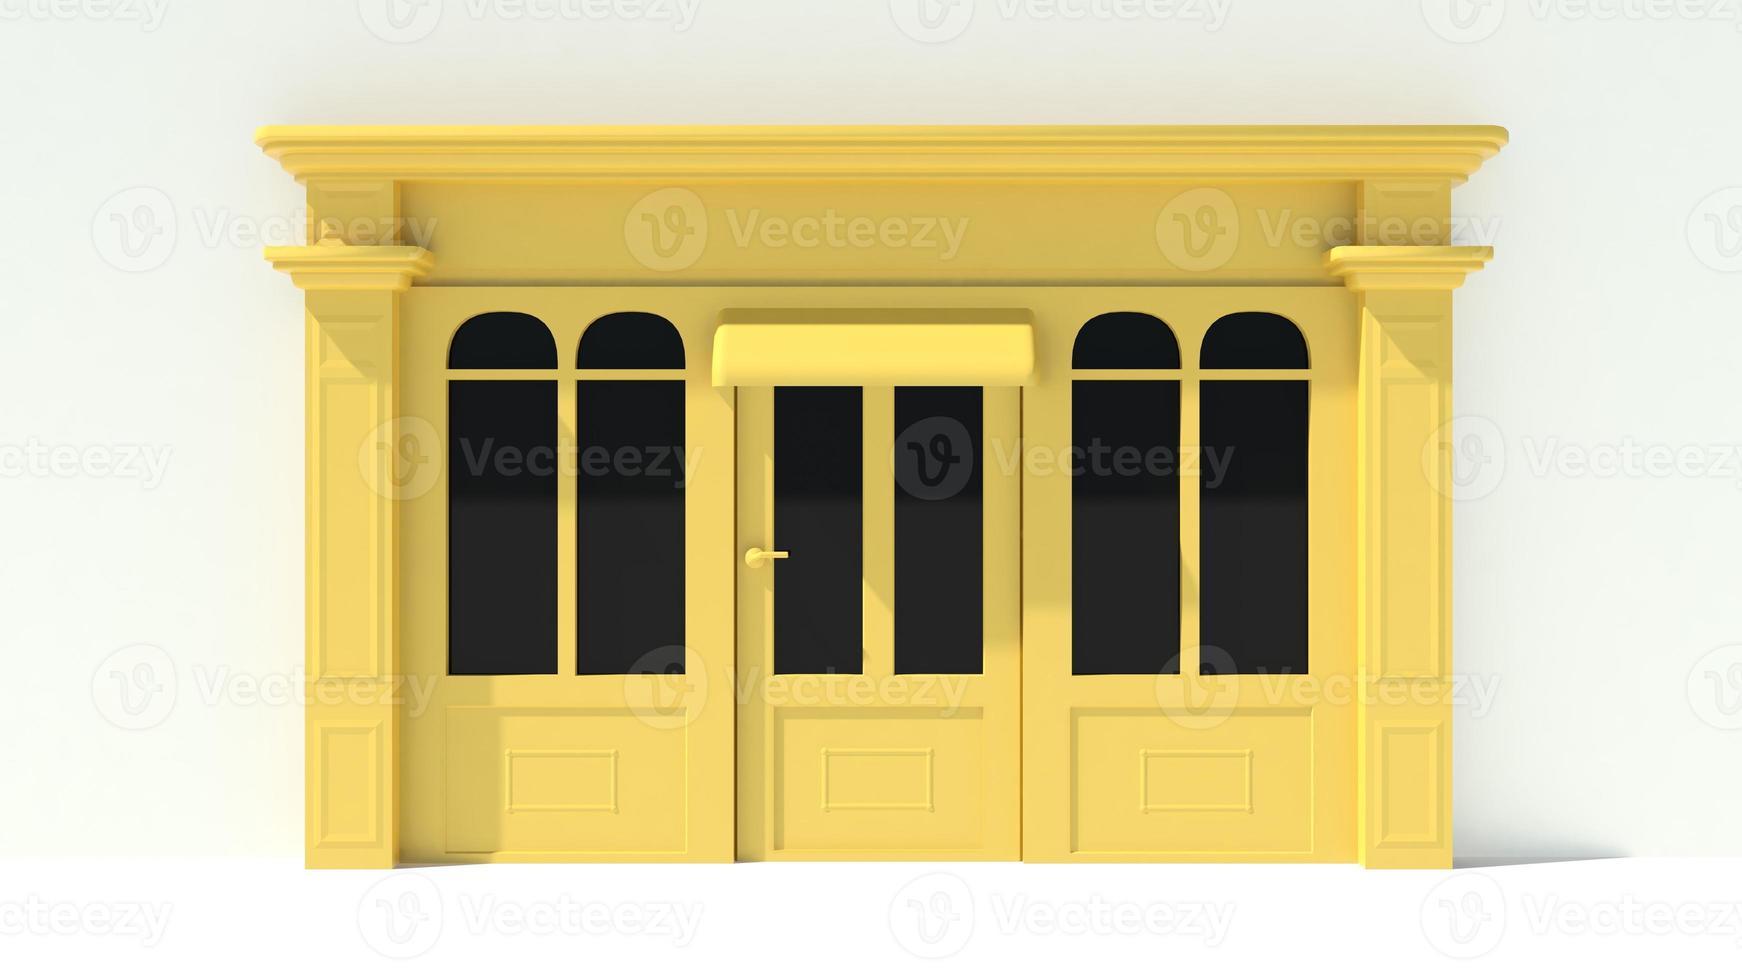 vitrine ensoleillée avec de grandes fenêtres façade de magasin blanc et jaune photo